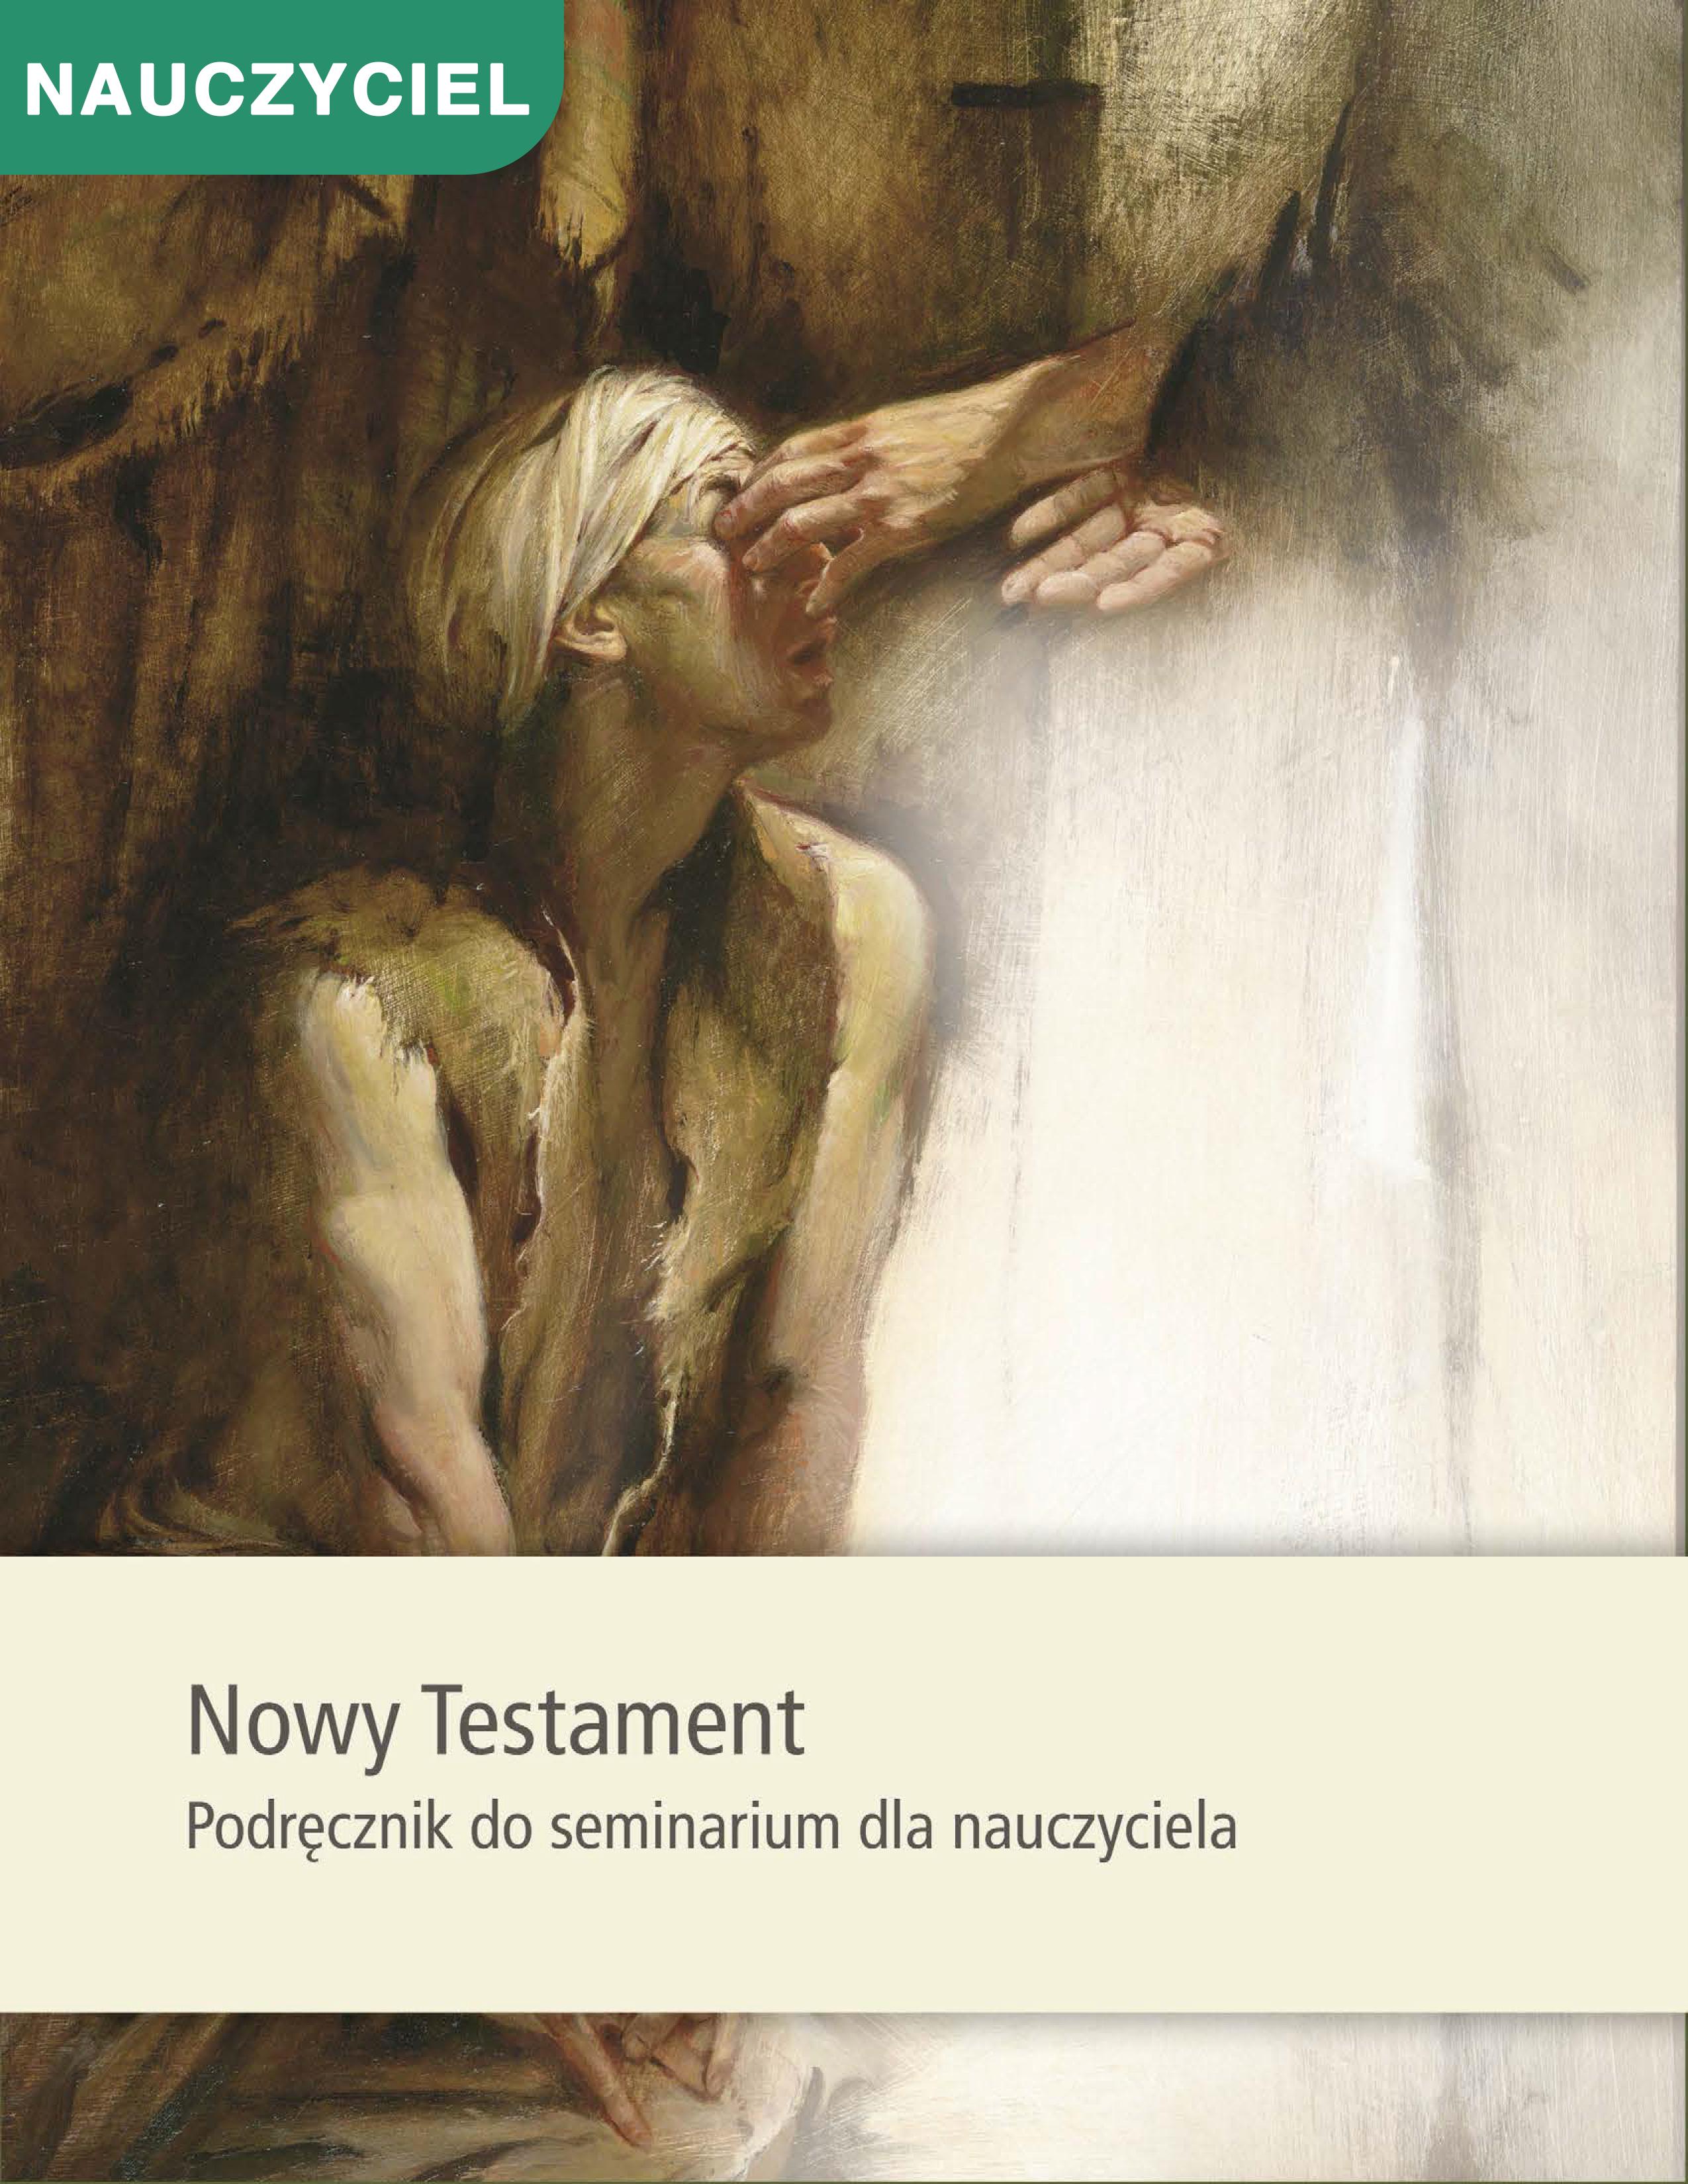 Nowy Testament Podręcznik dla nauczyciela seminarium